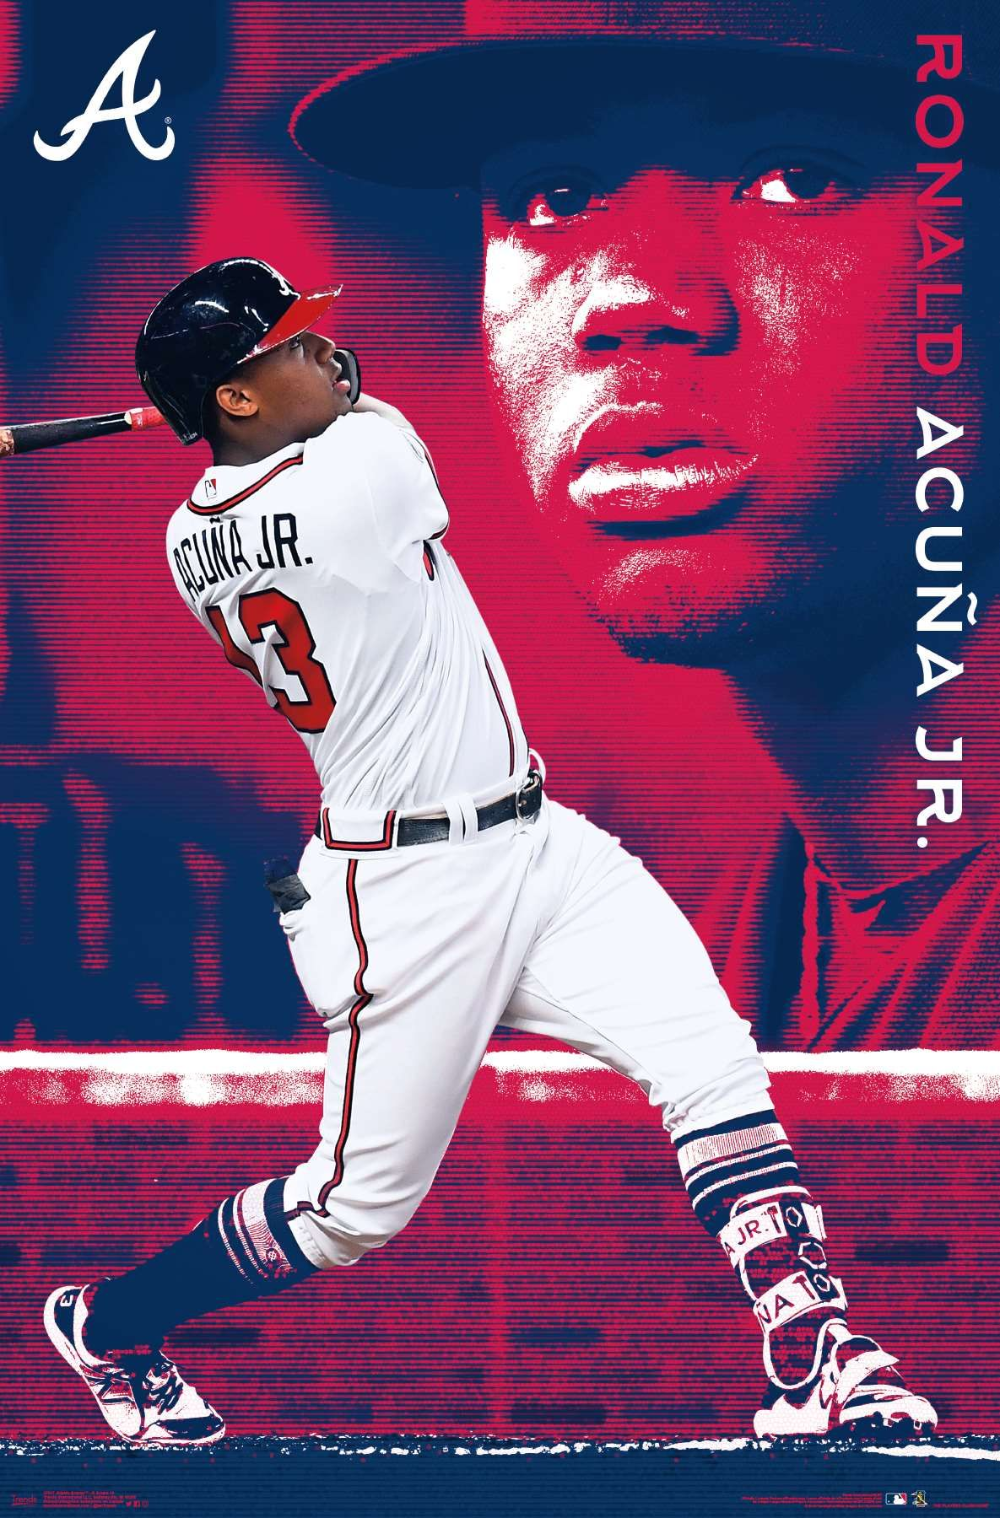 Mlb Atlanta Braves Ronald Acuna Jr 19 In 2020 Braves Atlanta Braves Wallpaper Atlanta Braves